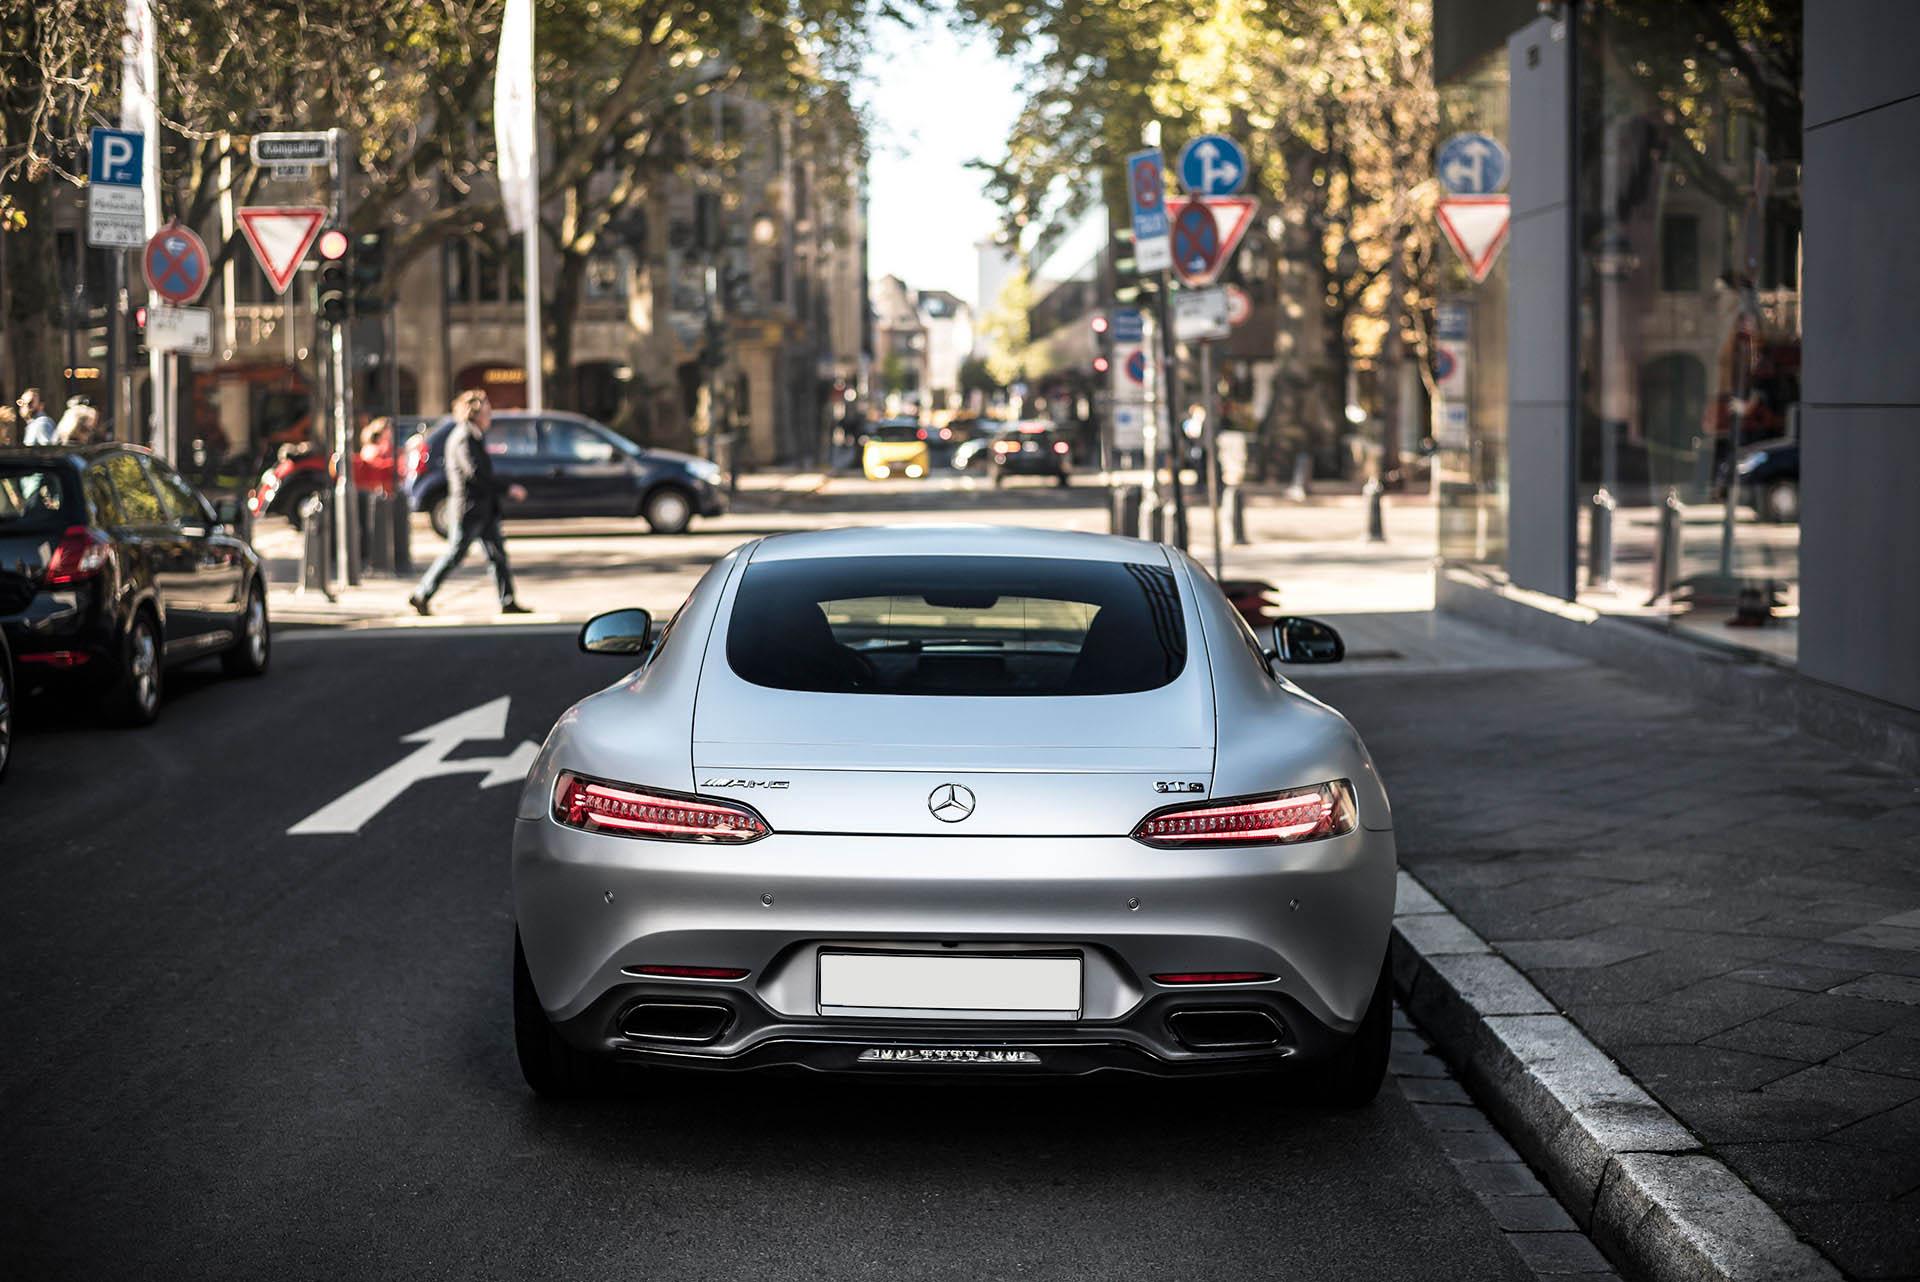 B+K_Sportwagen_Rheinland_GmbH_Mercedes_Benz_AMG_GTS_Silber_4_2